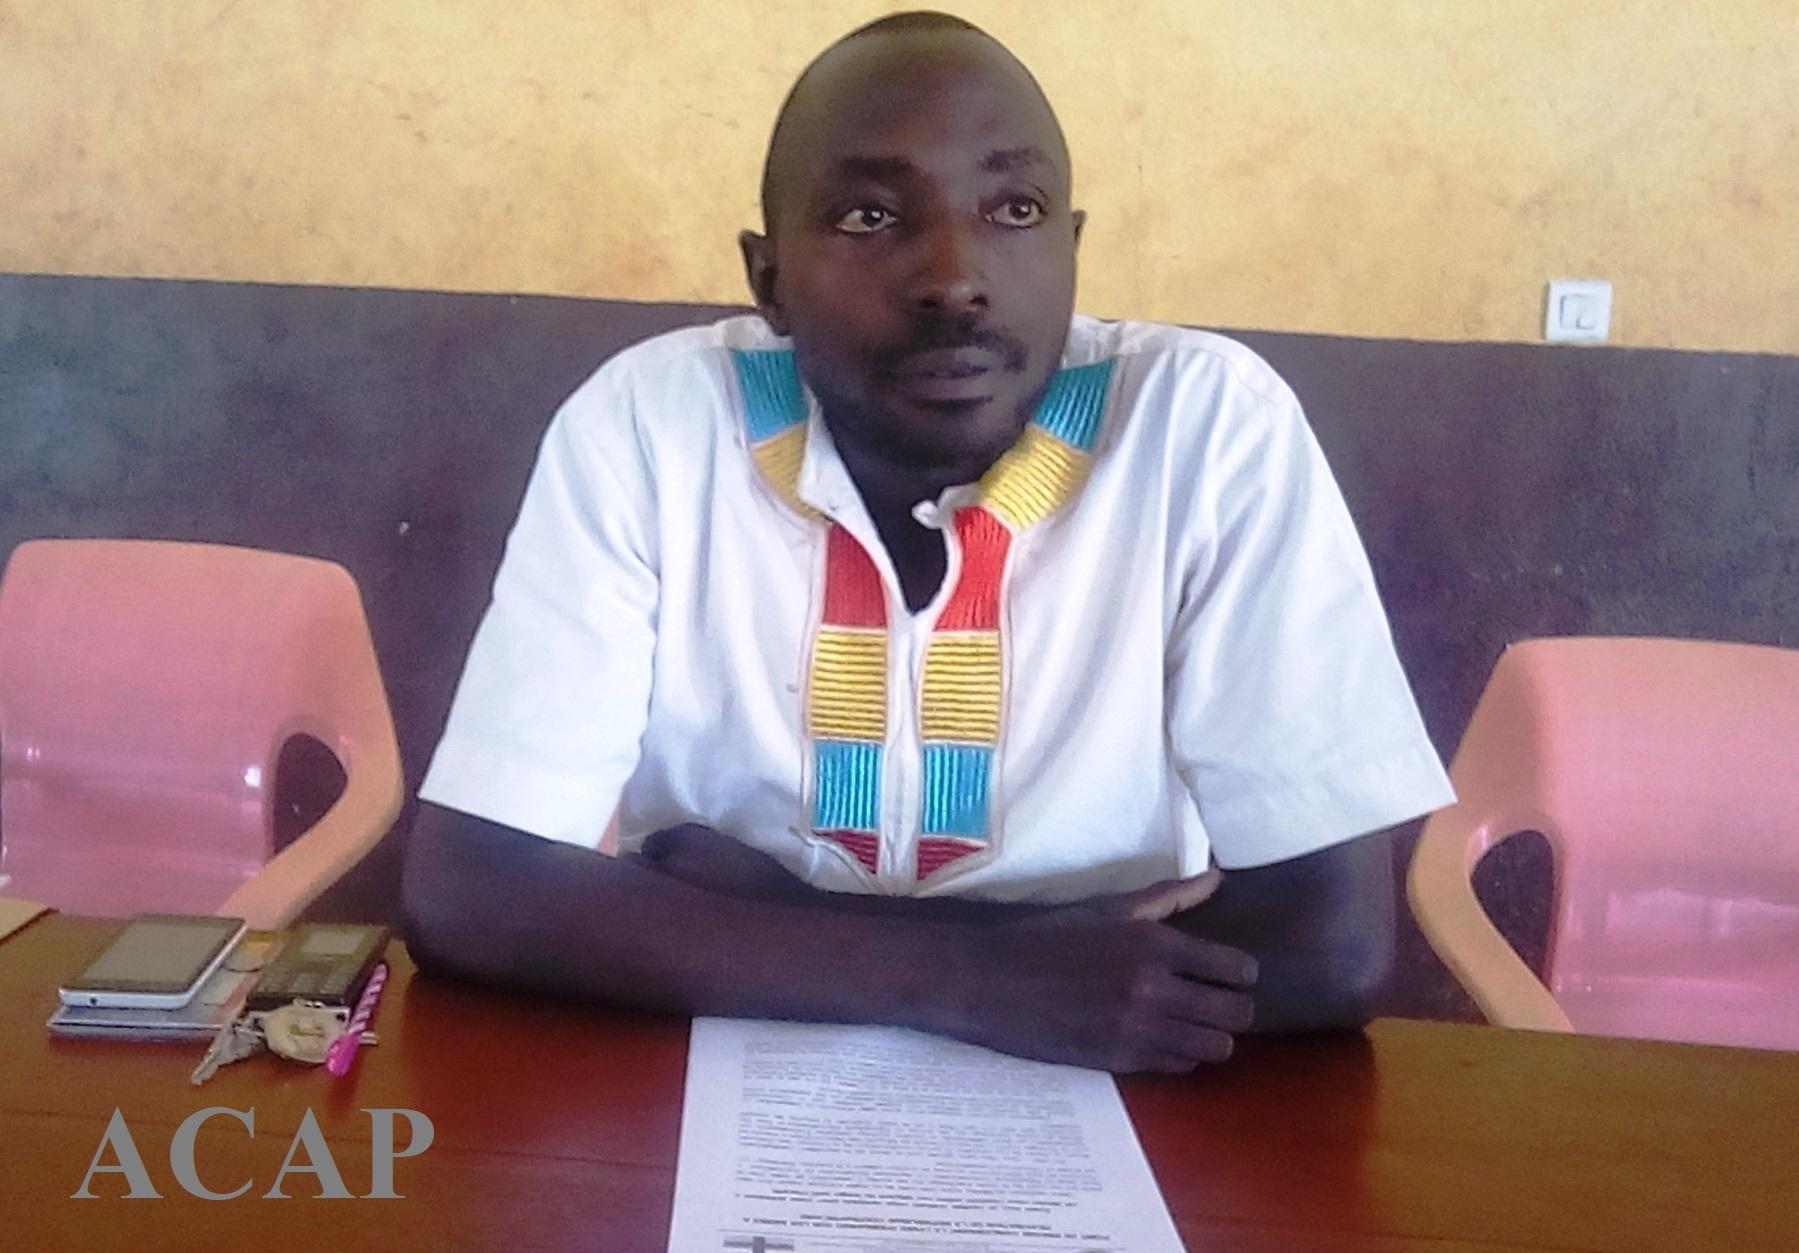 L'Association Jeunesse Panafricaine de Centrafrique demande la levée de l'embargo contre la RCA